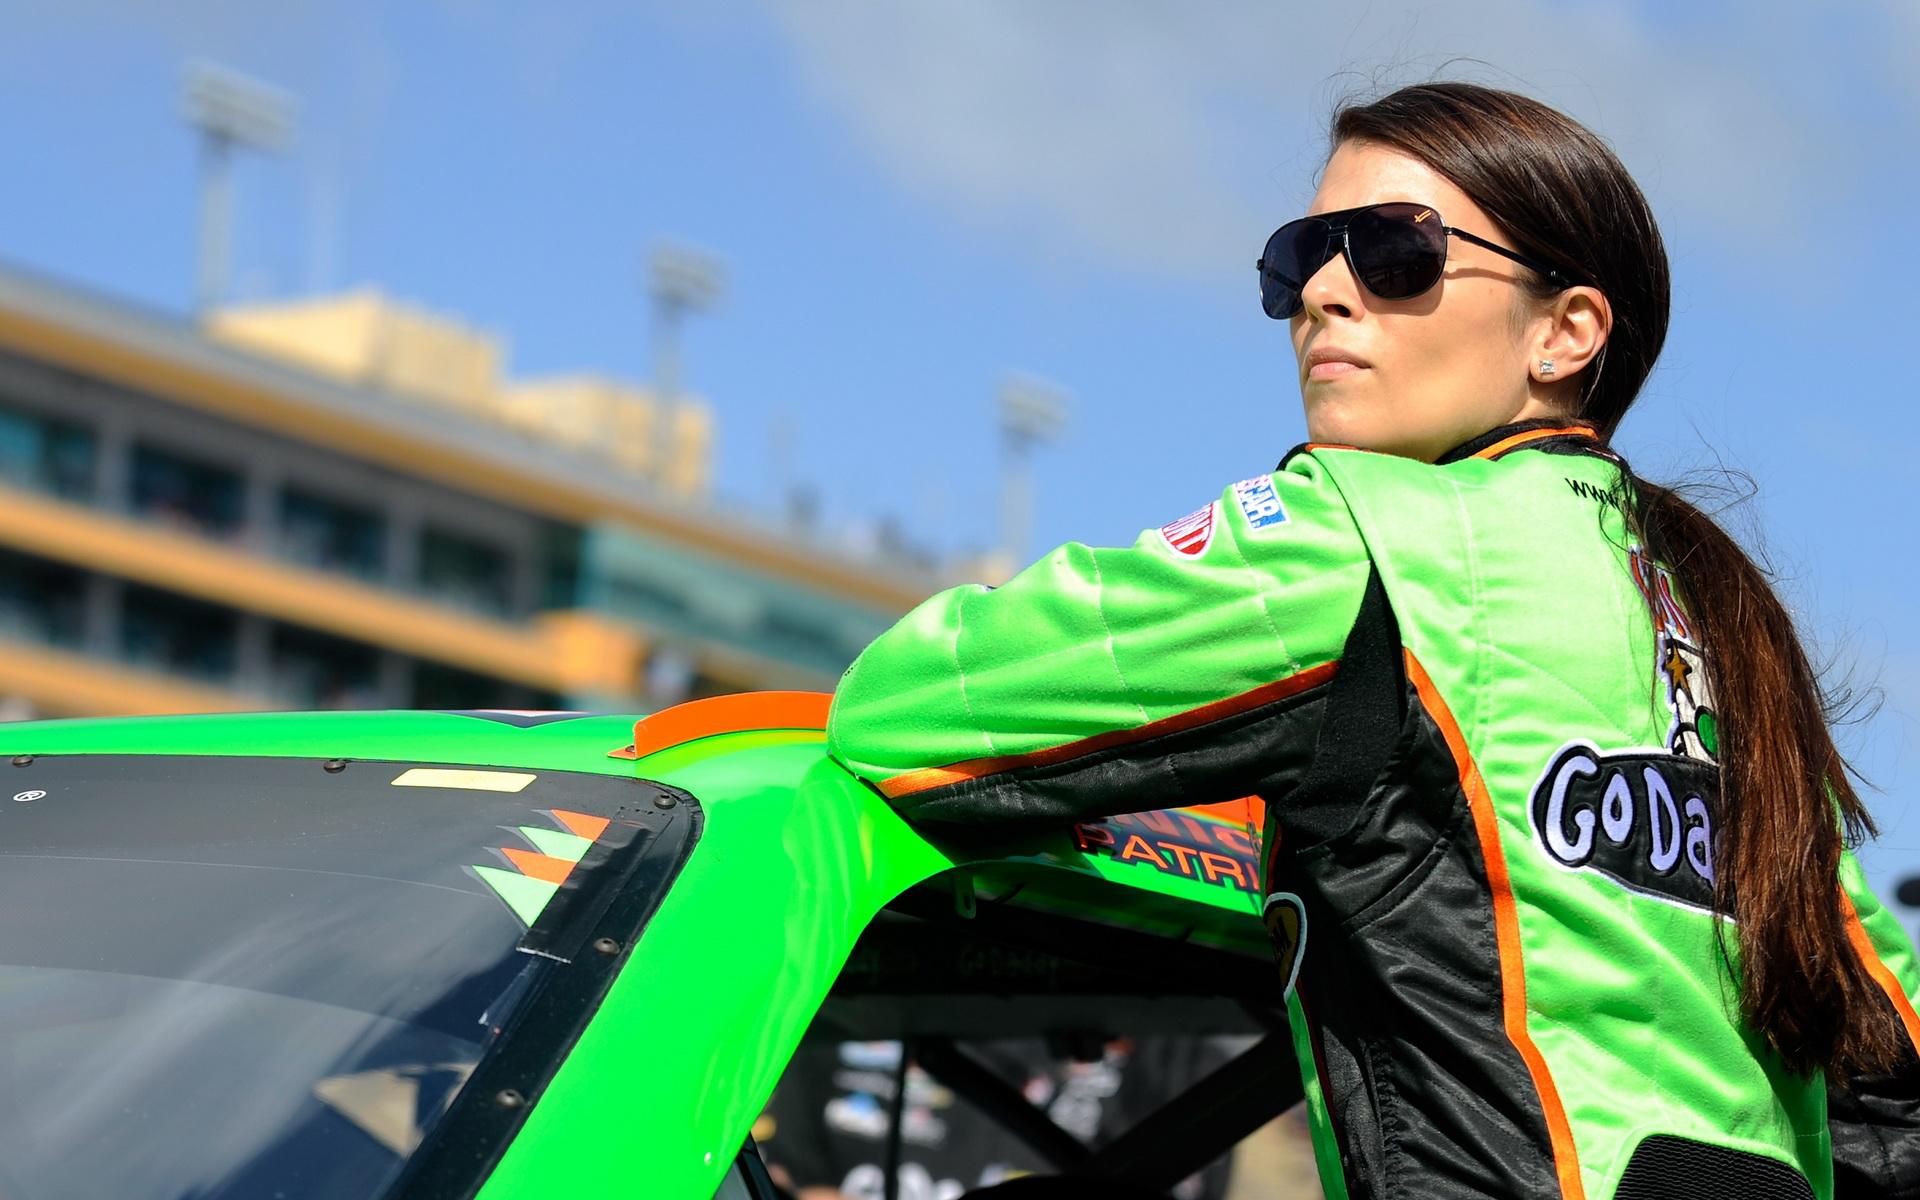 Ženy za volantom - Profesionálne pretekárky, ktoré jazdia lepšie ako väčšina mužov (Danica Patrick)